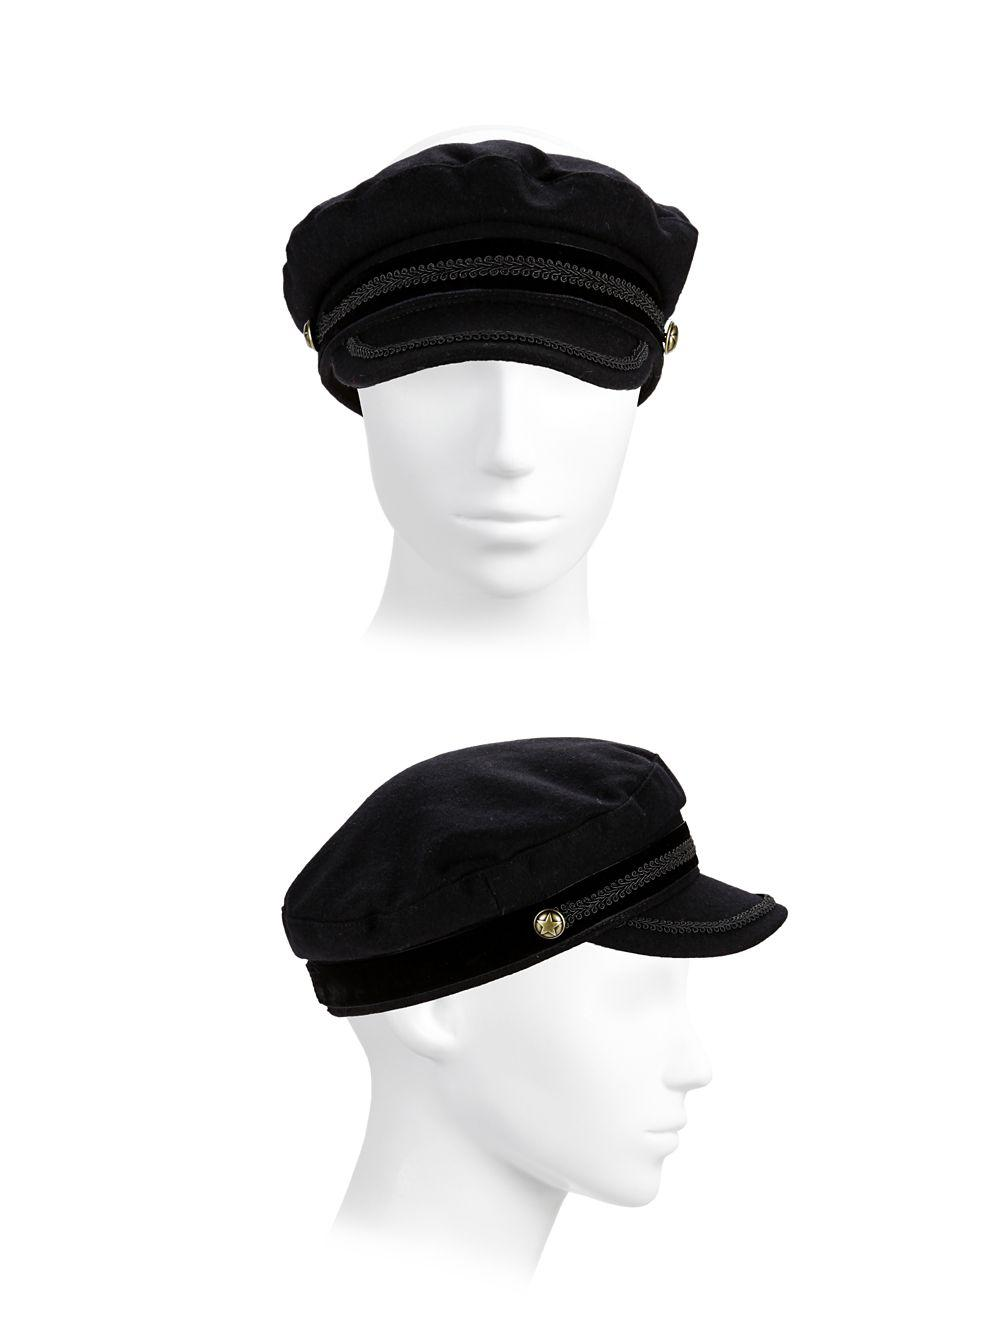 a39e6679fe8 Lauren By Ralph Lauren Felt Greek Fisherman Hat in Black - Lyst